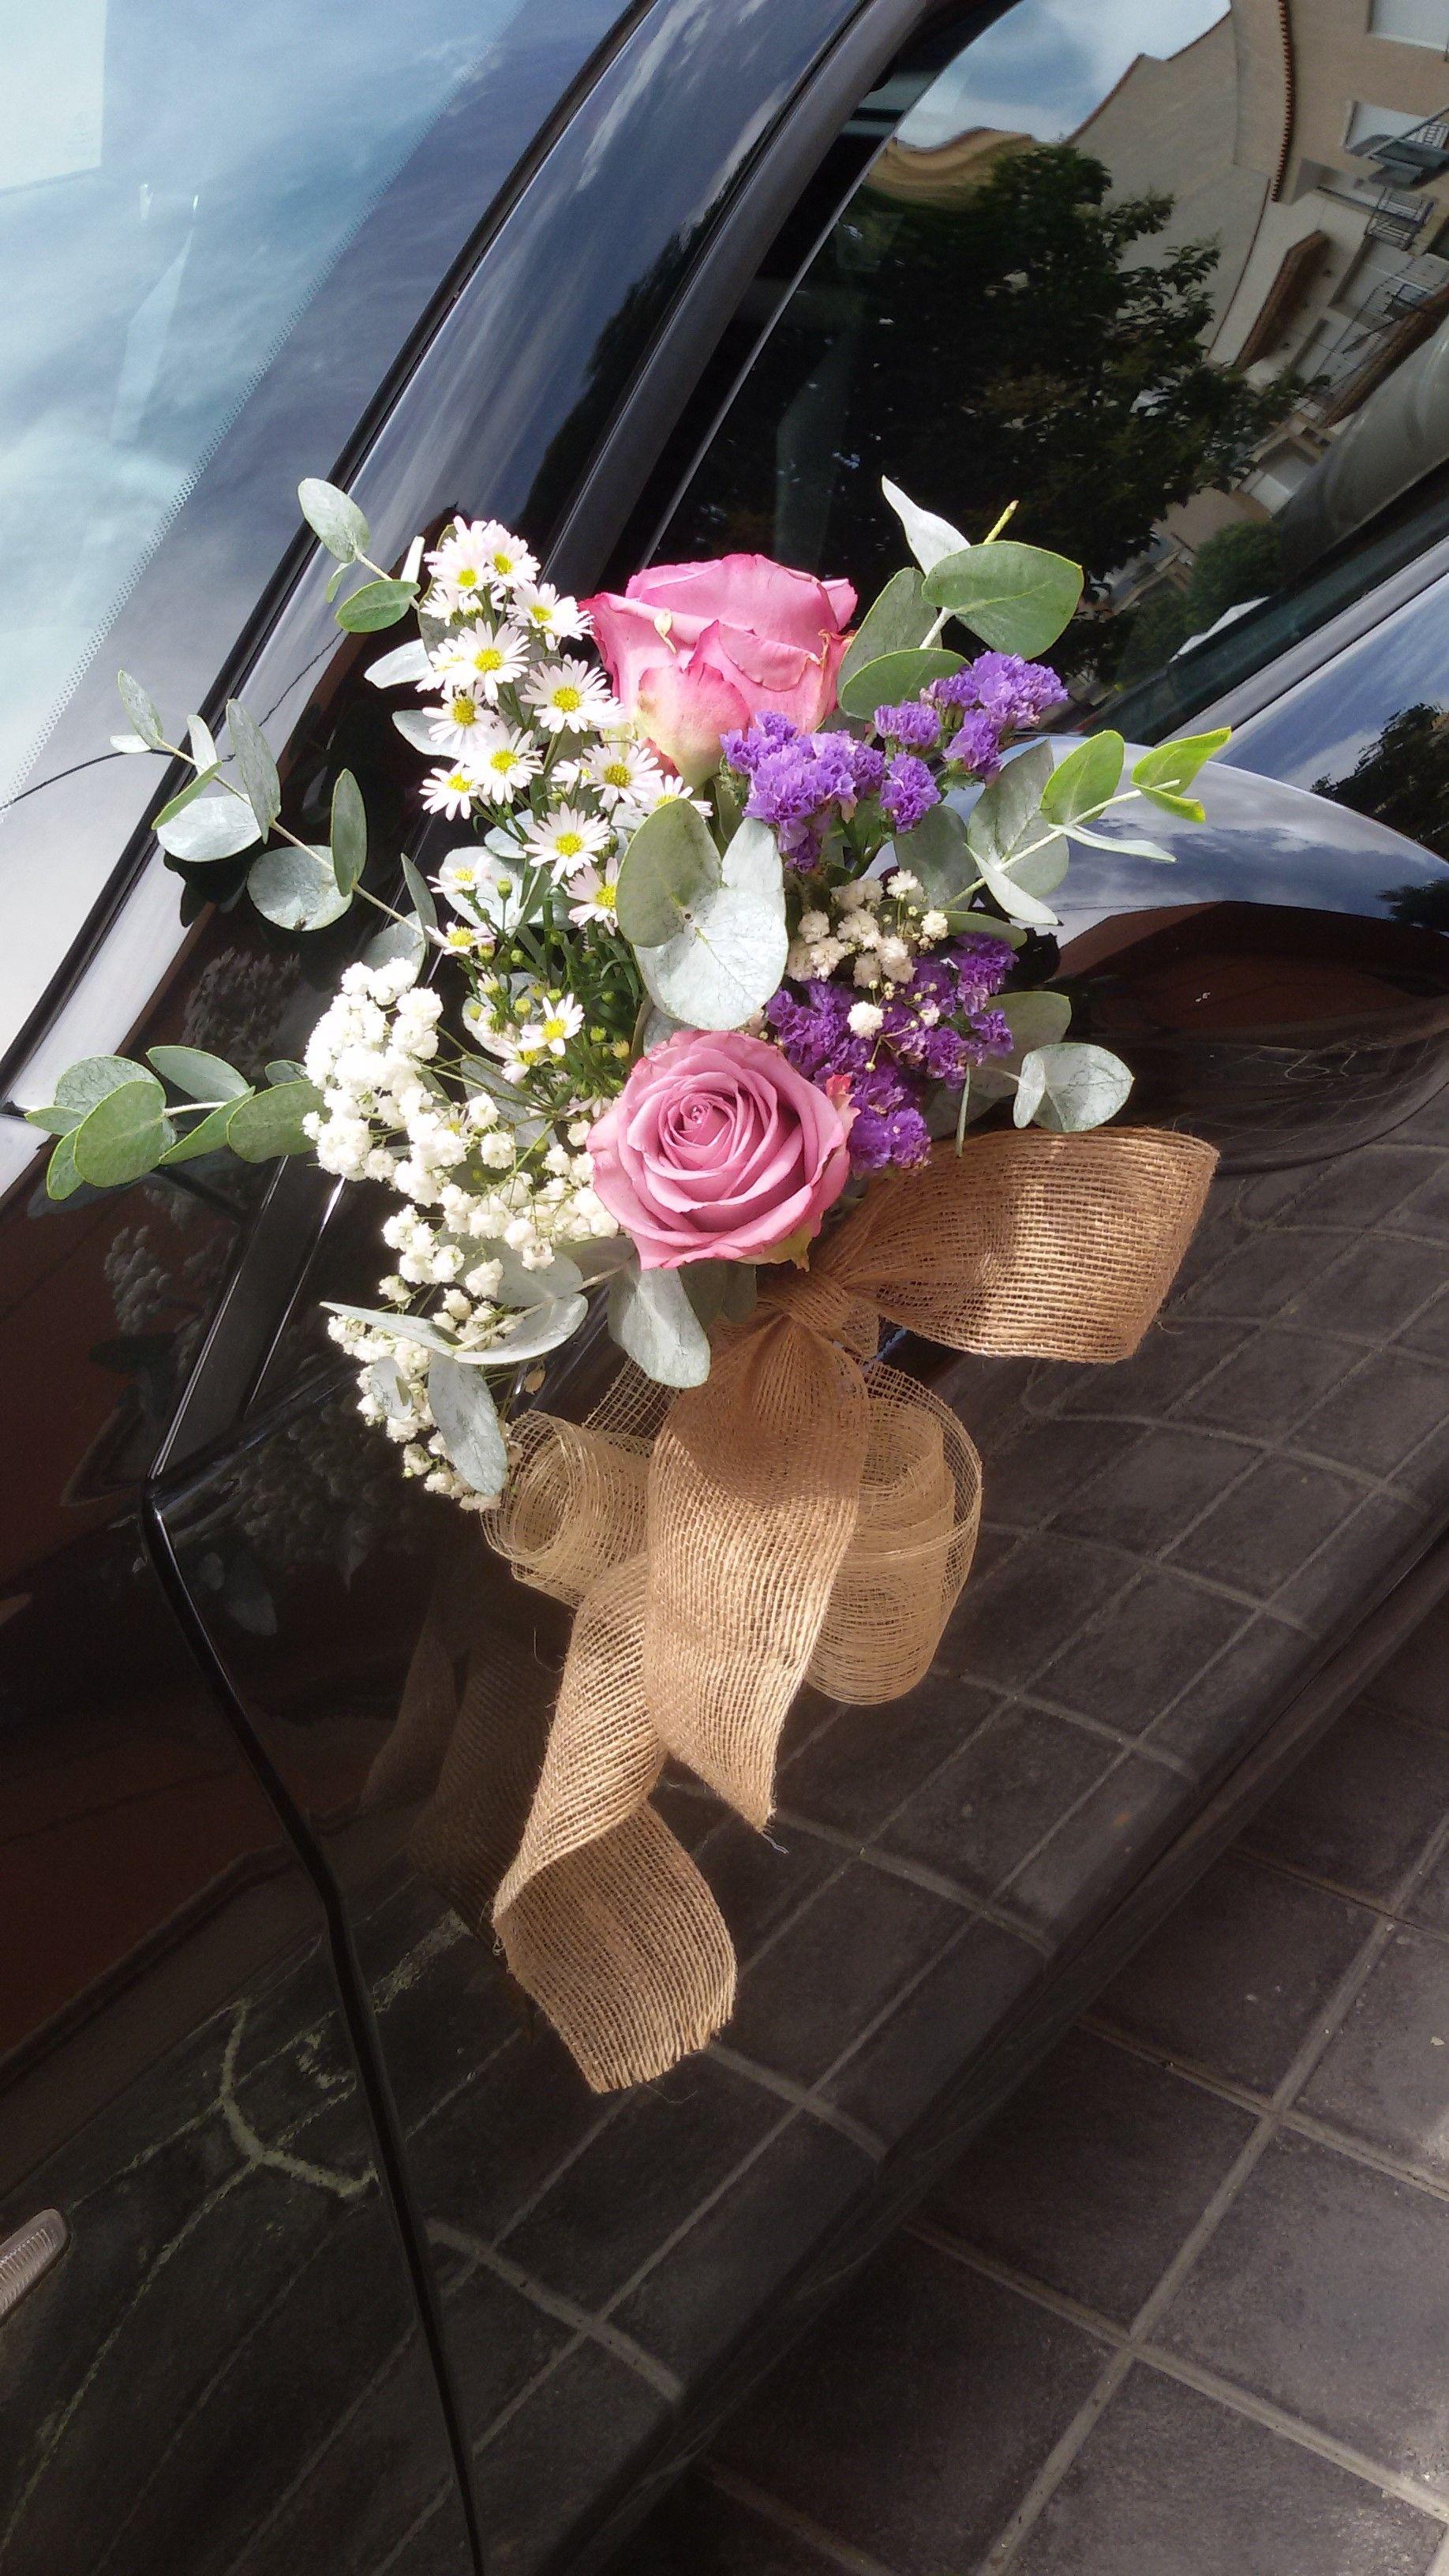 Wedding car decoration ideas  Atado cocheDecoracion Petty Perezmanglano  wedding ideas